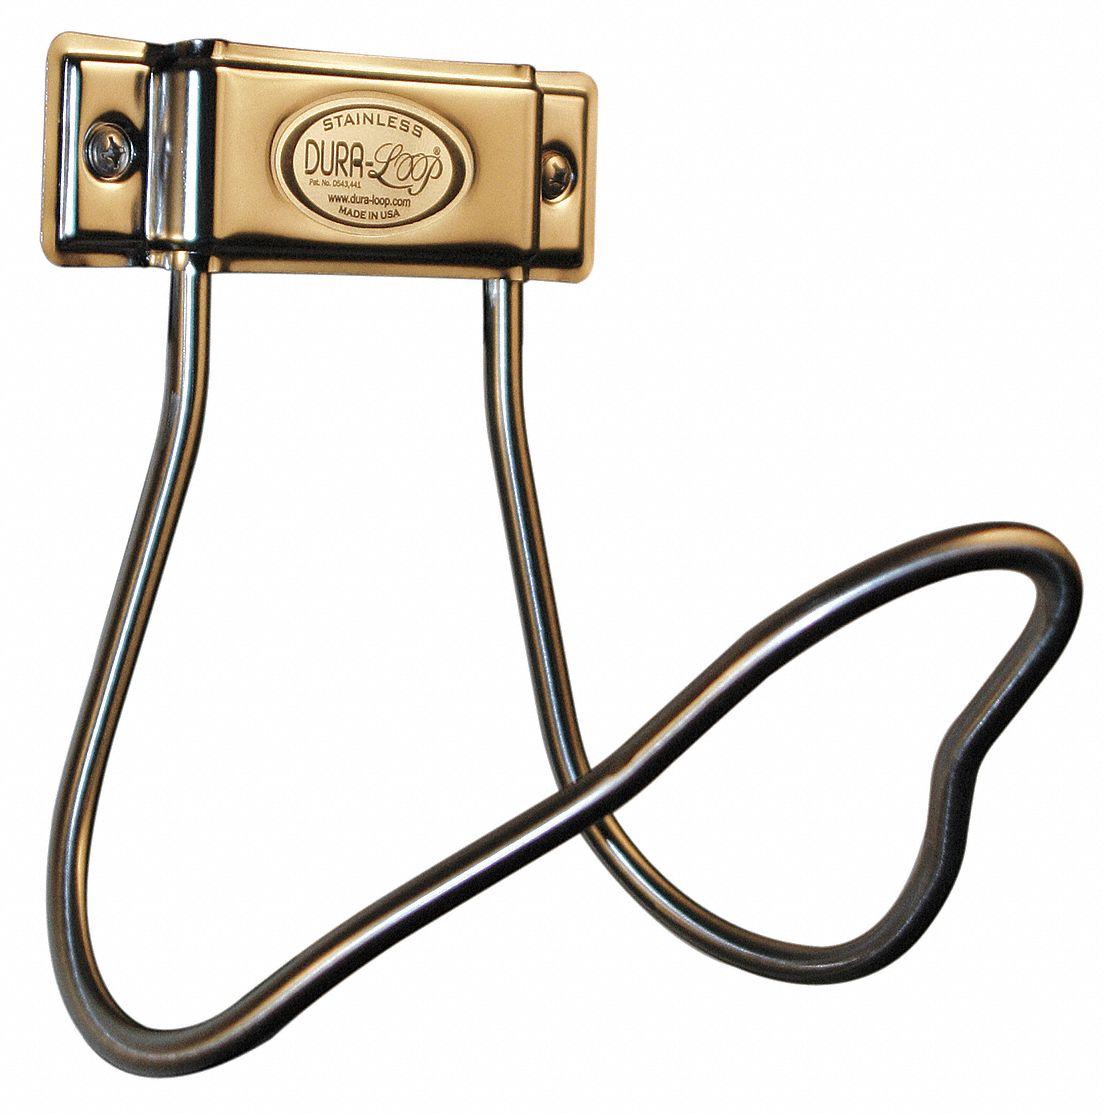 Accu-Brand Hose Hanger (Stainless Steel, 8 in Diameter) Hose Reel, Hose Cart, Hose Holder, Hose Butler, Hose Hider, Hose Pot, Hose Stand, Hose Hanger